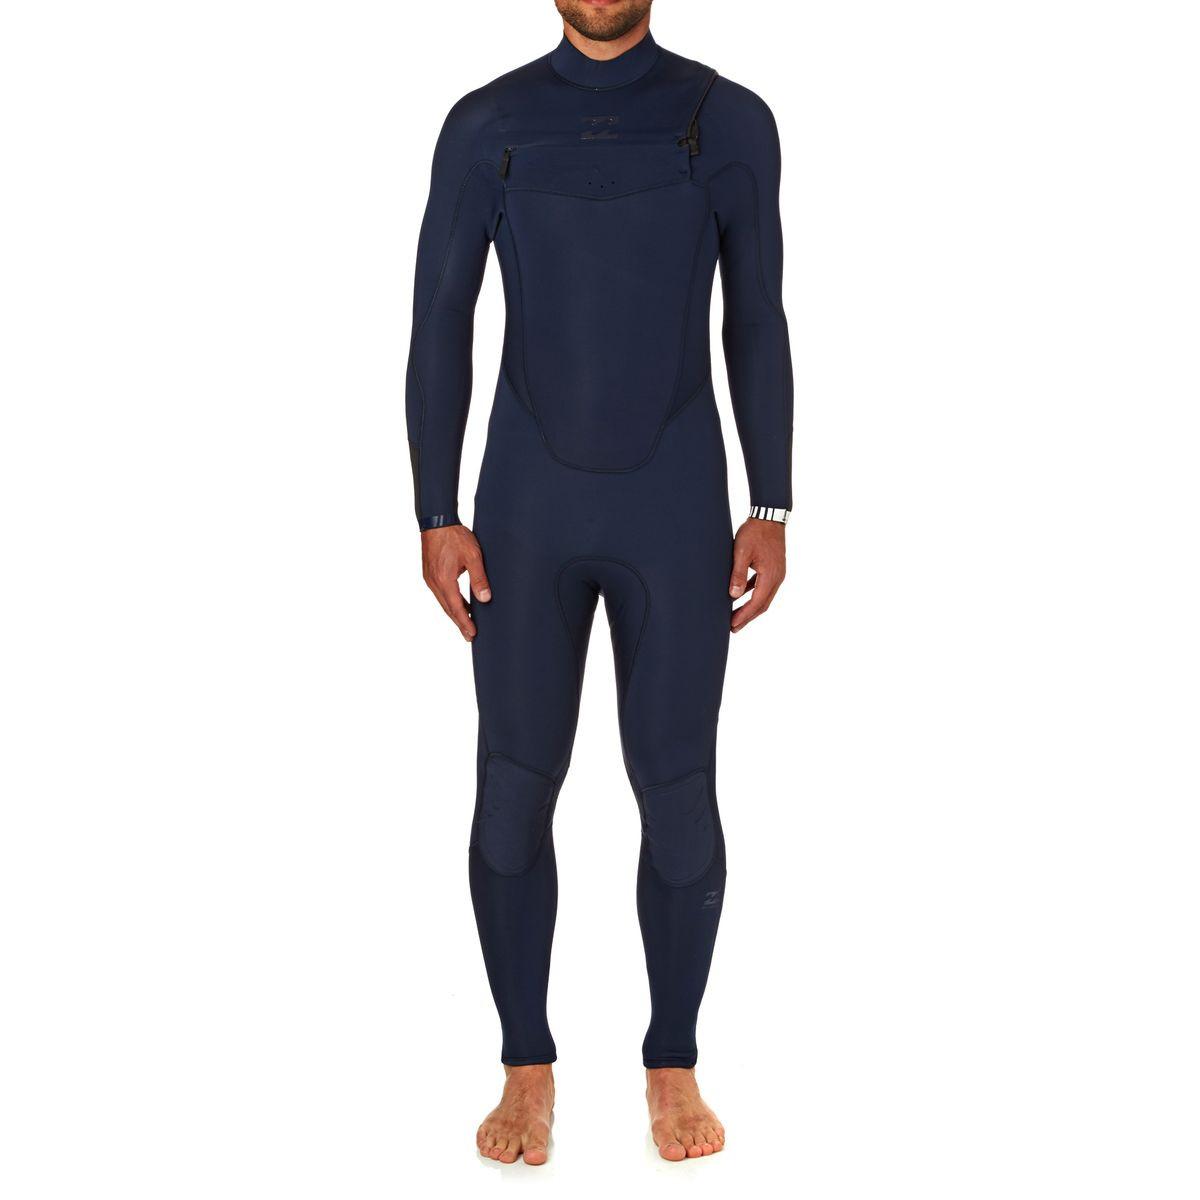 Billabong Absolute Comp 4/3mm 2018 Chest Zip Wetsuit - Navy